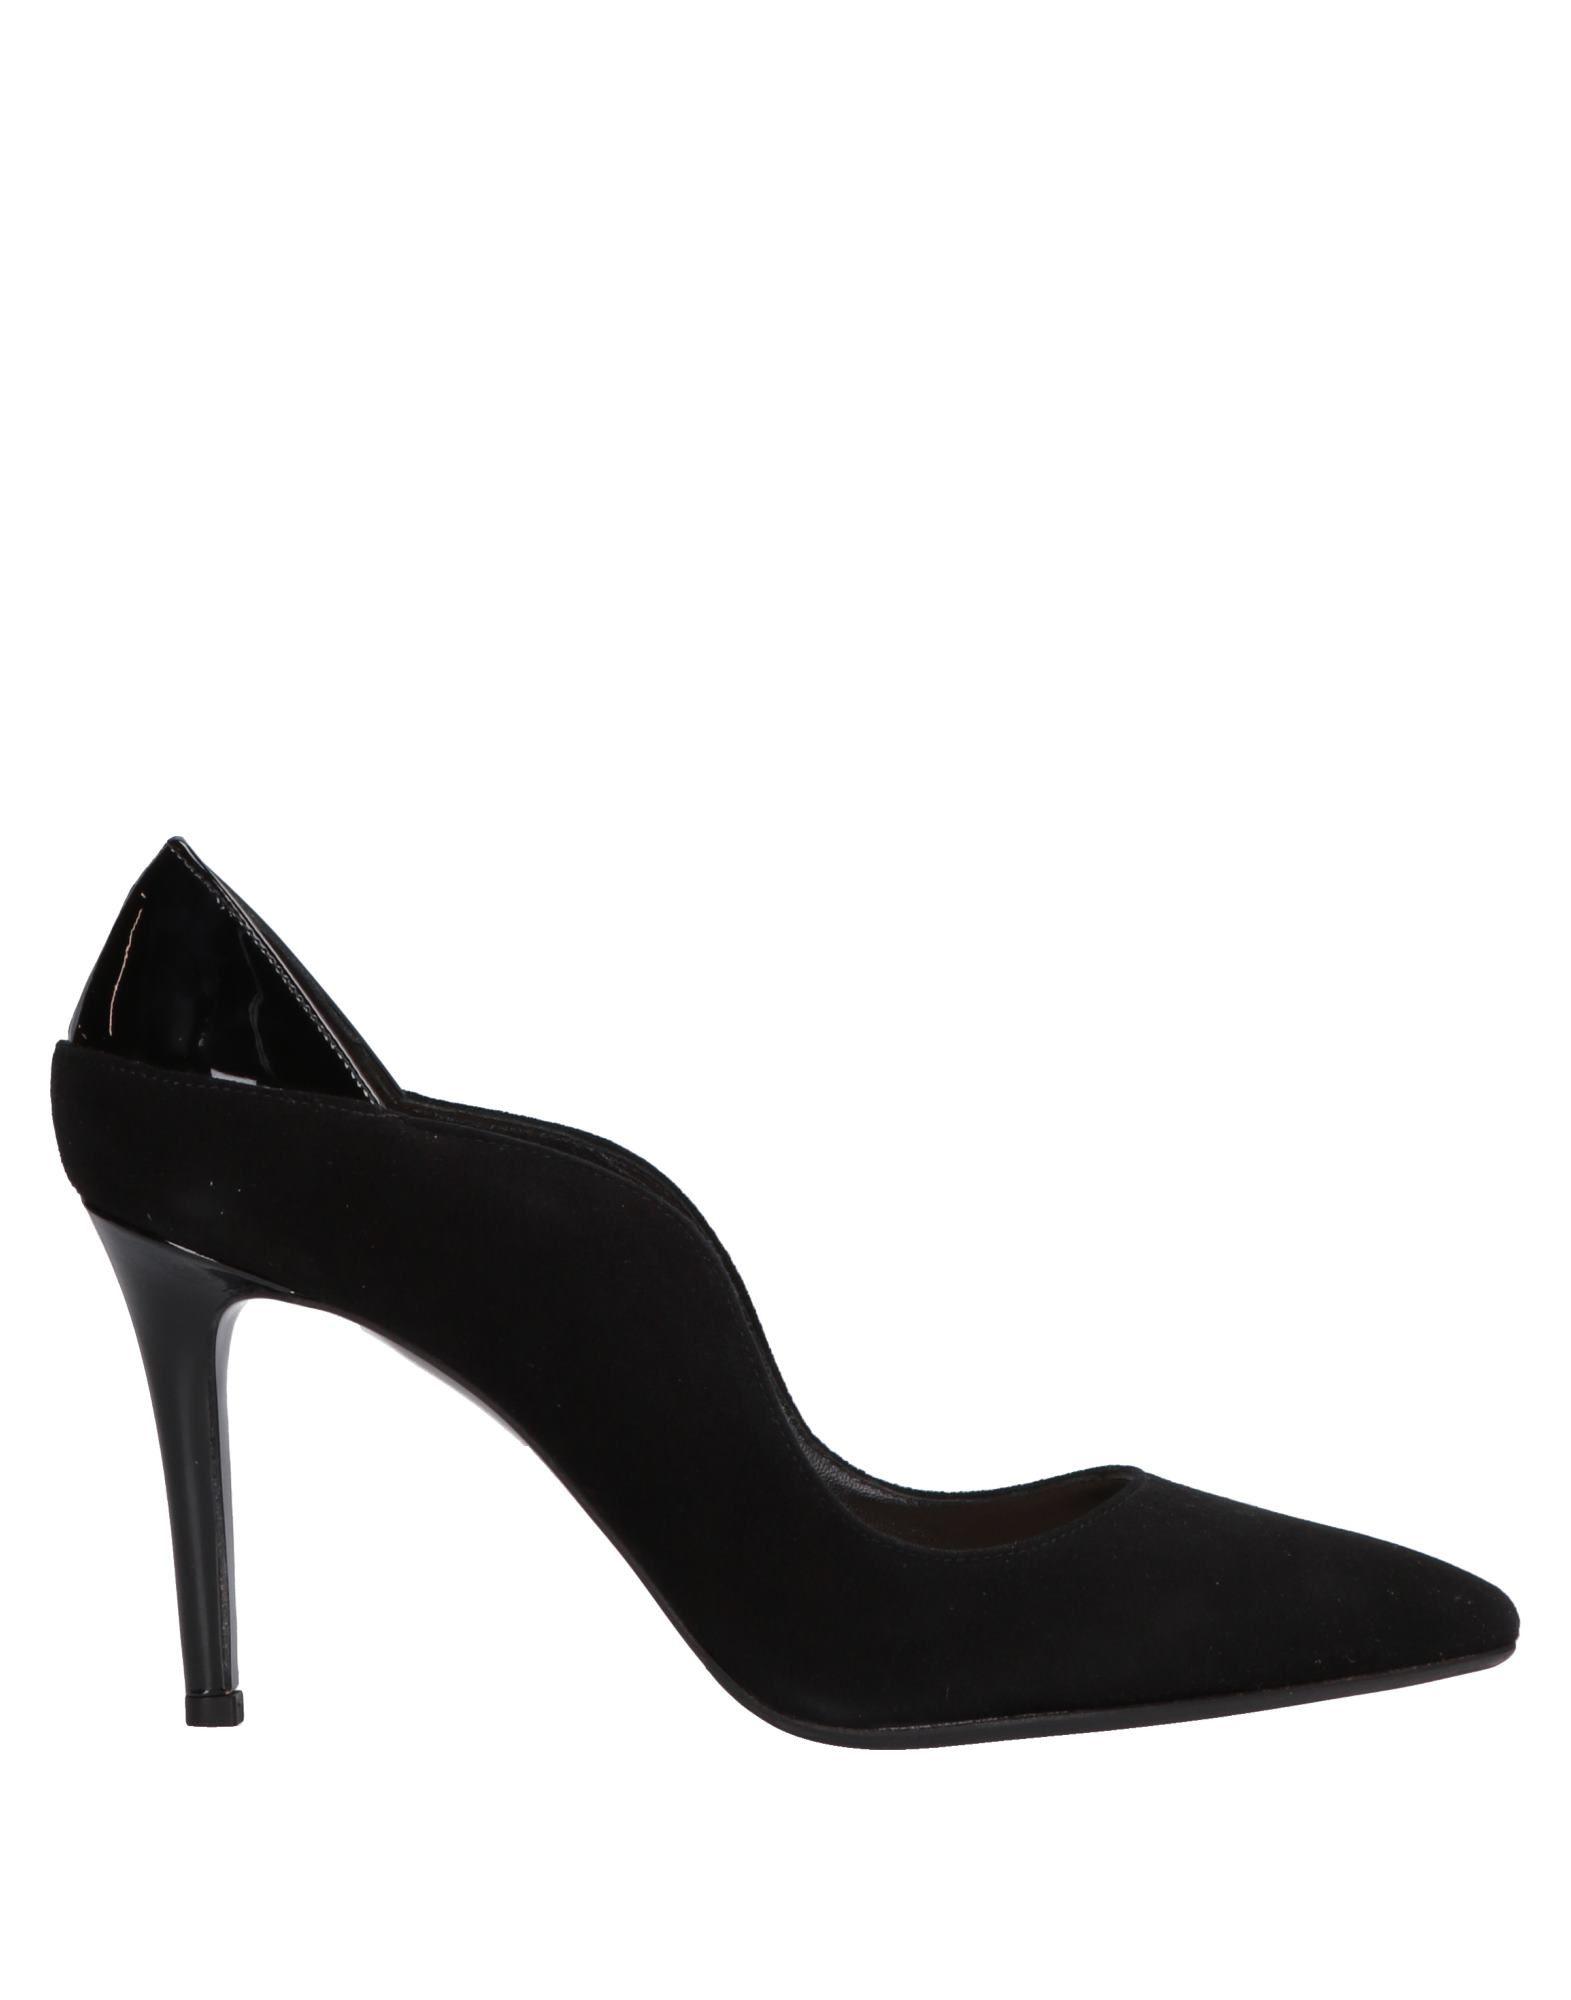 Chantal Pumps Damen    11590661TI Gute Qualität beliebte Schuhe 9cb42f